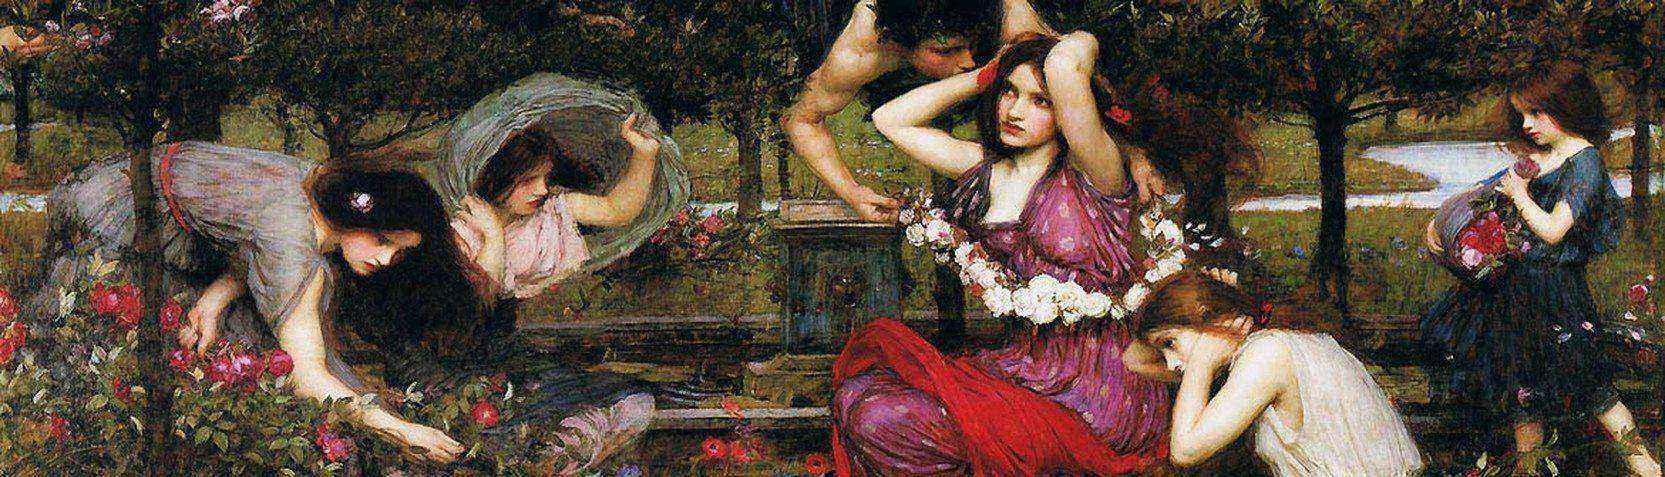 Artisti - John William Waterhouse